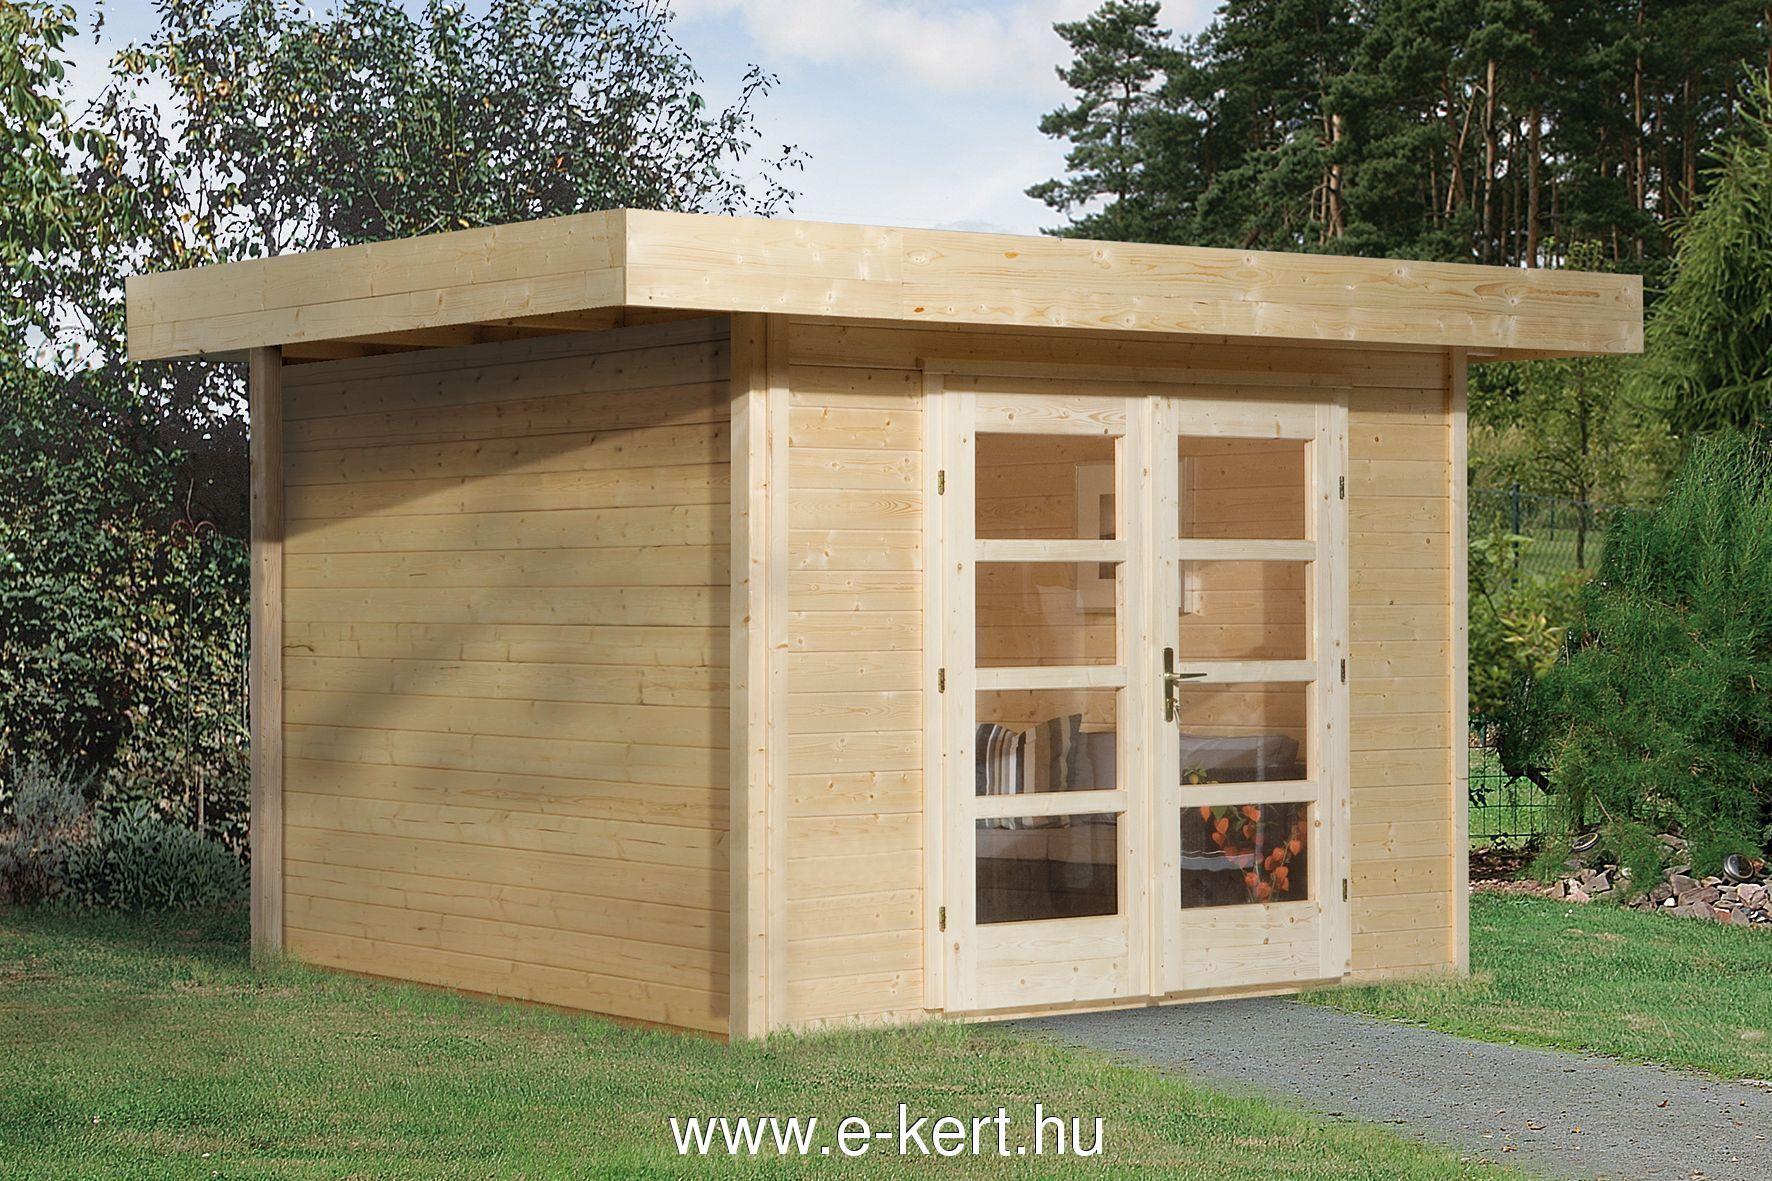 380×300 cm-es faházunk készre szerelve, festés nélkül